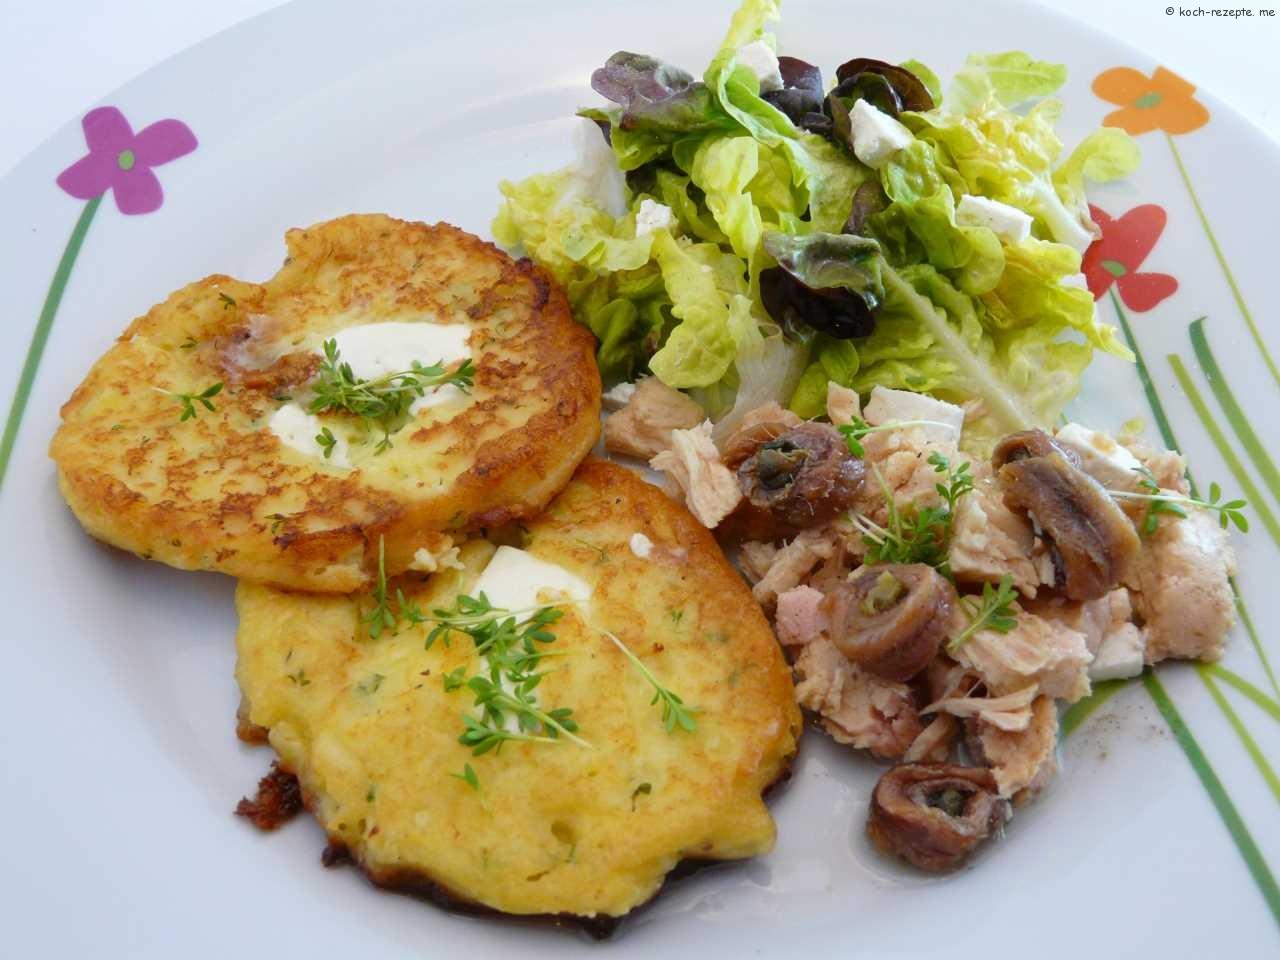 ein köstliches Gericht Kartoffelpuffer , salat und Thunfisch mit Sardellen